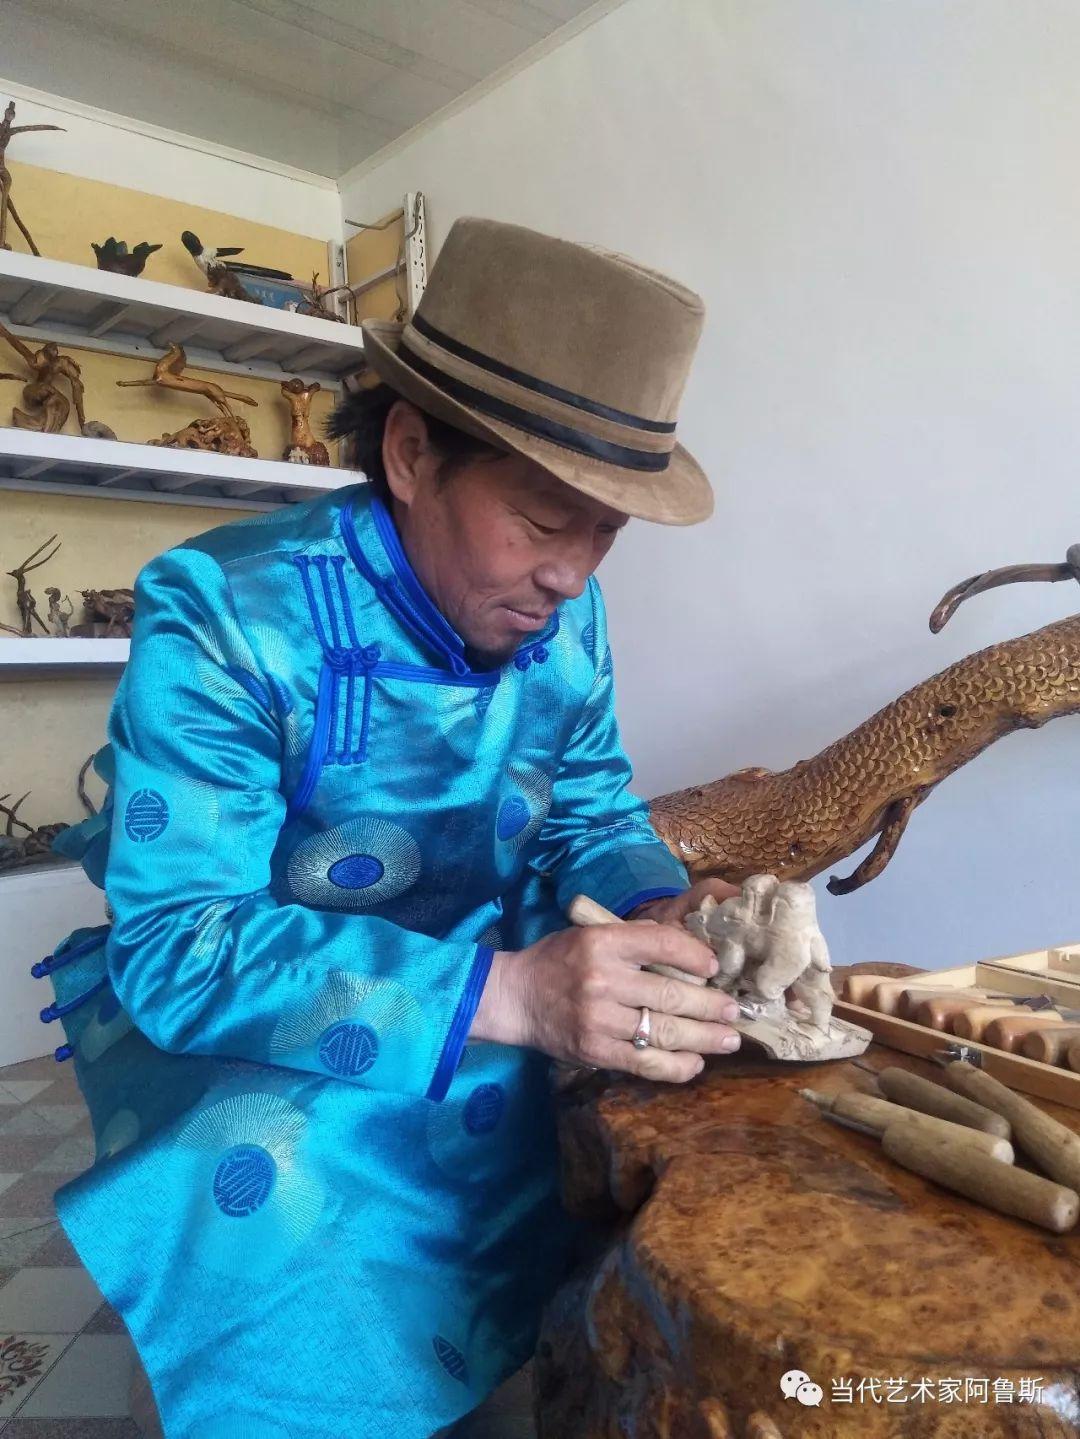 锡林郭勒草原民间艺人阿拉腾敖都的根雕艺术作品欣赏 第1张